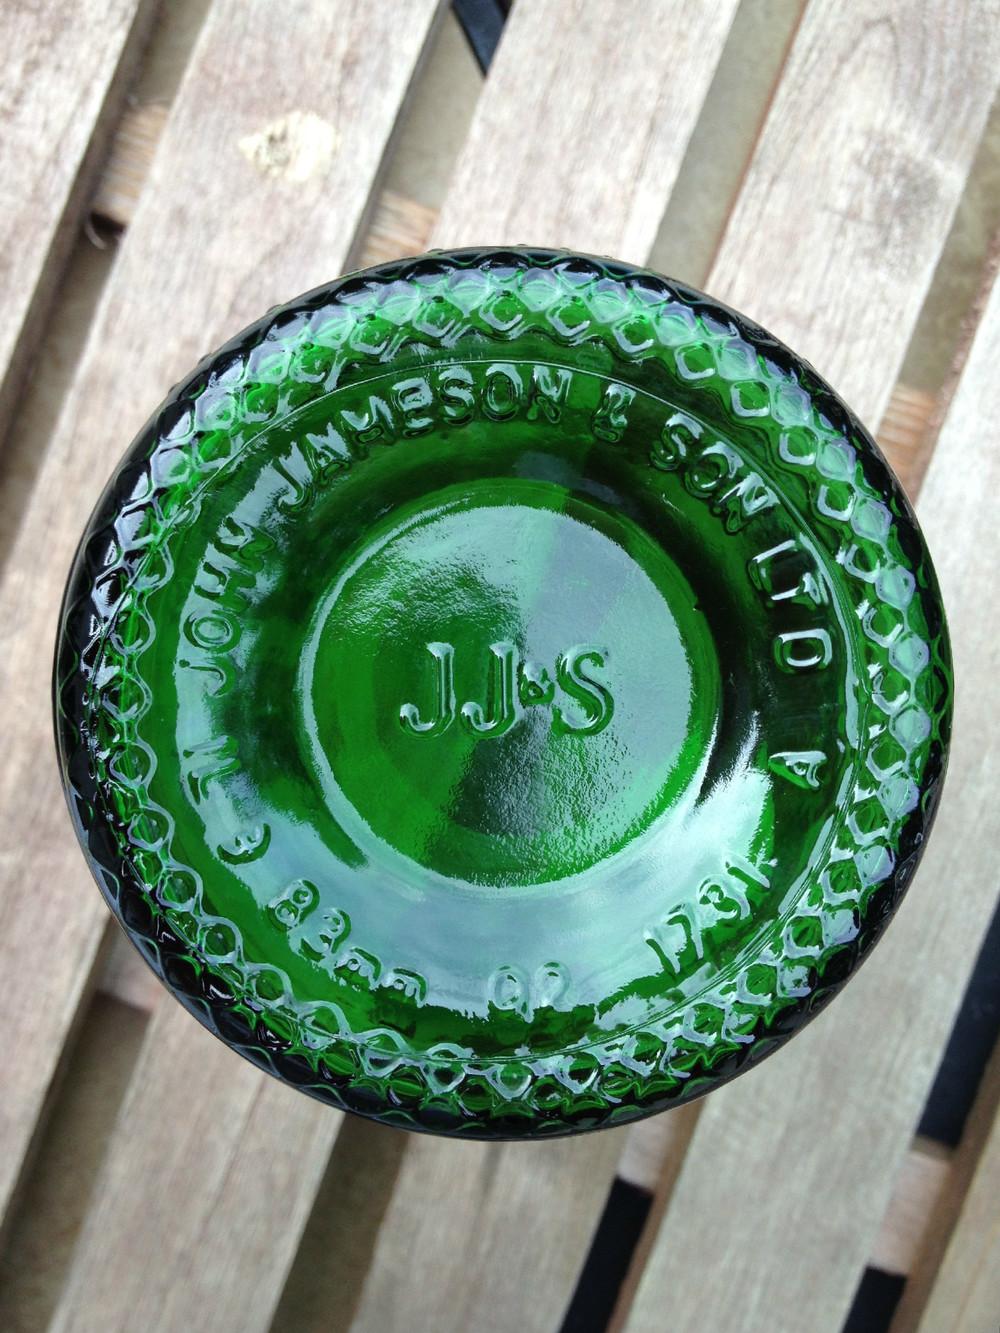 Jameson Bottle bottomedited.jpg